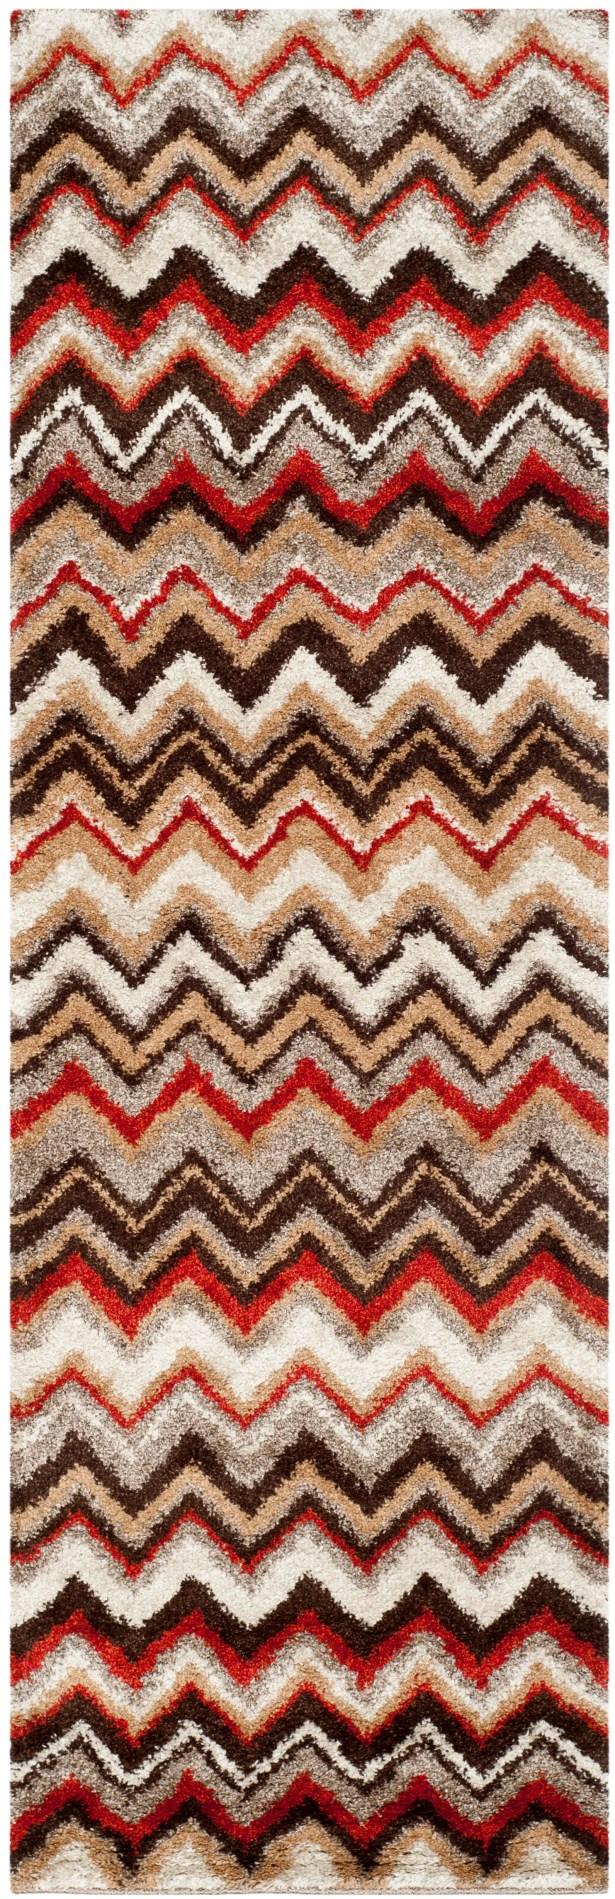 Tahoe Beige / Brown Geometric Rug Rug Size: Runner 2'3